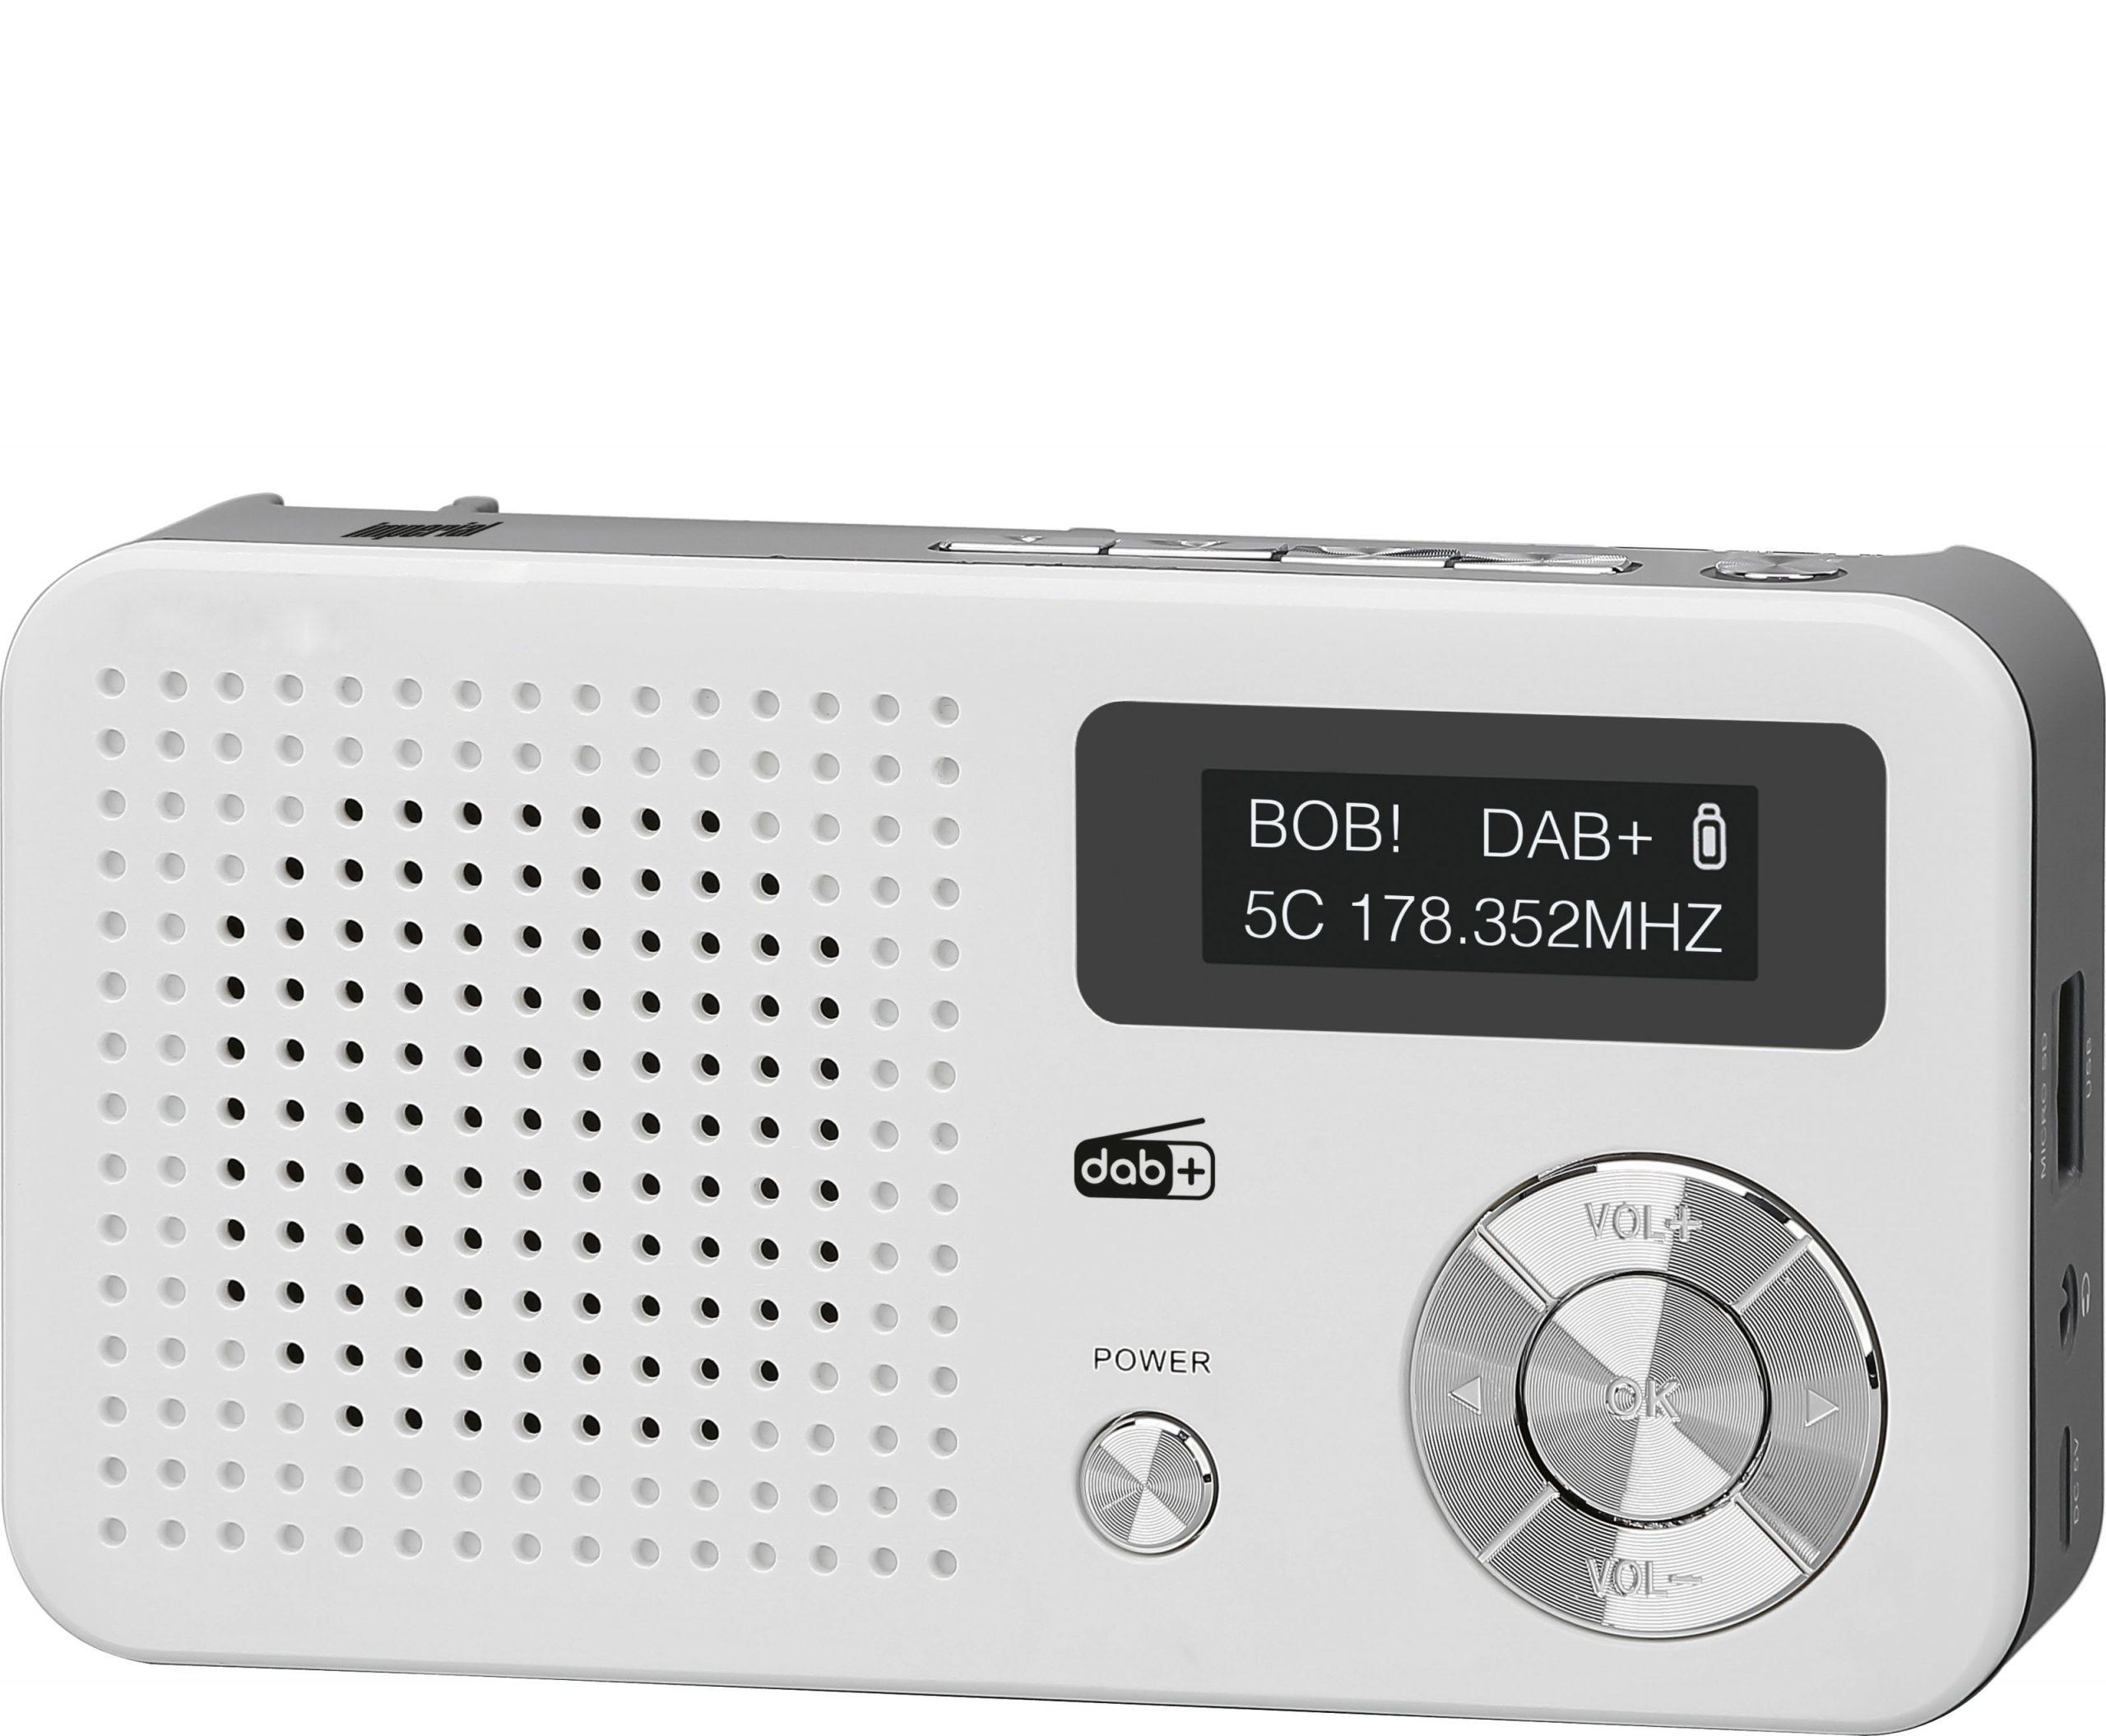 Imperial Dabman 13 - Tragbar - Digital - DAB,DAB+,FM - 87.5 - 108 MHz - 174 - 240 MHz - 174 - 240 MHz